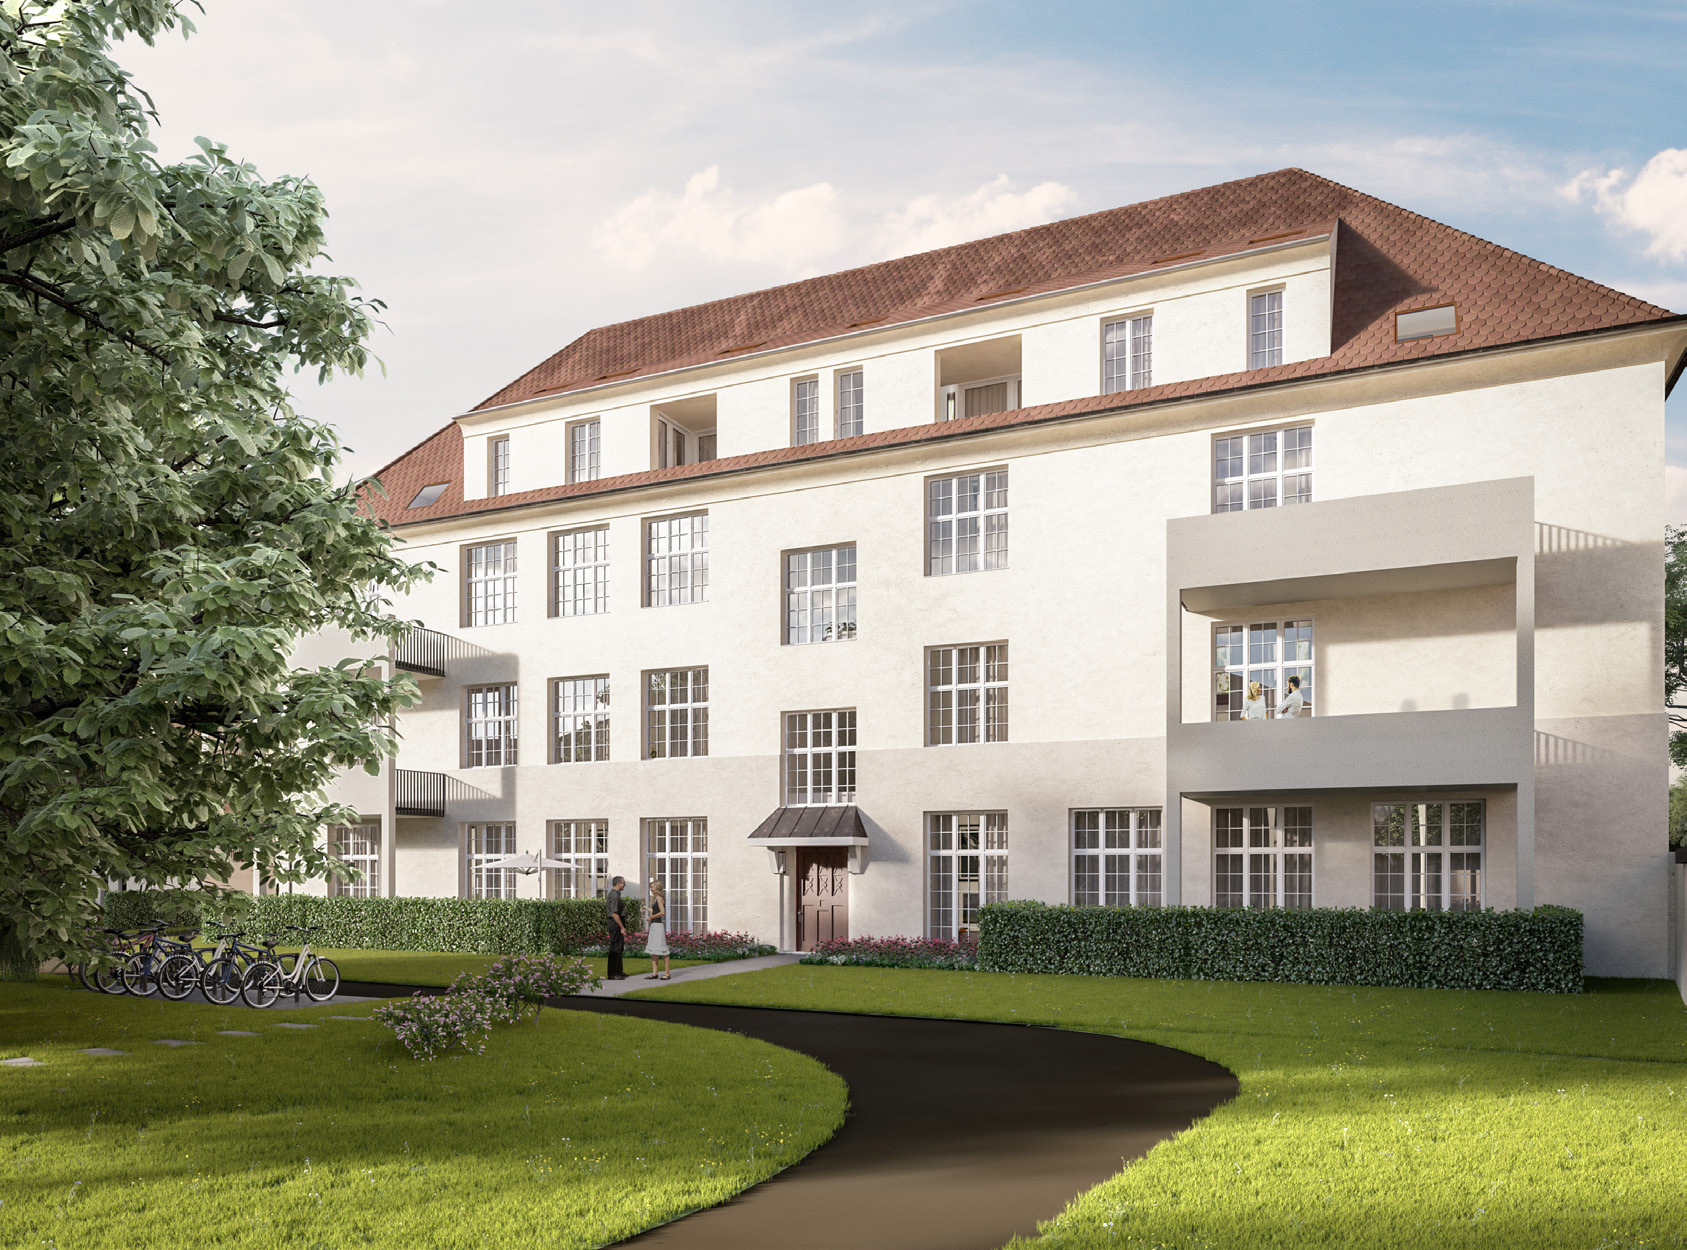 Stadt und Natur. Tradition und Moderne. Wohnkomfort und Wertsteigerung. Haus und Eigentum., Haus CS82